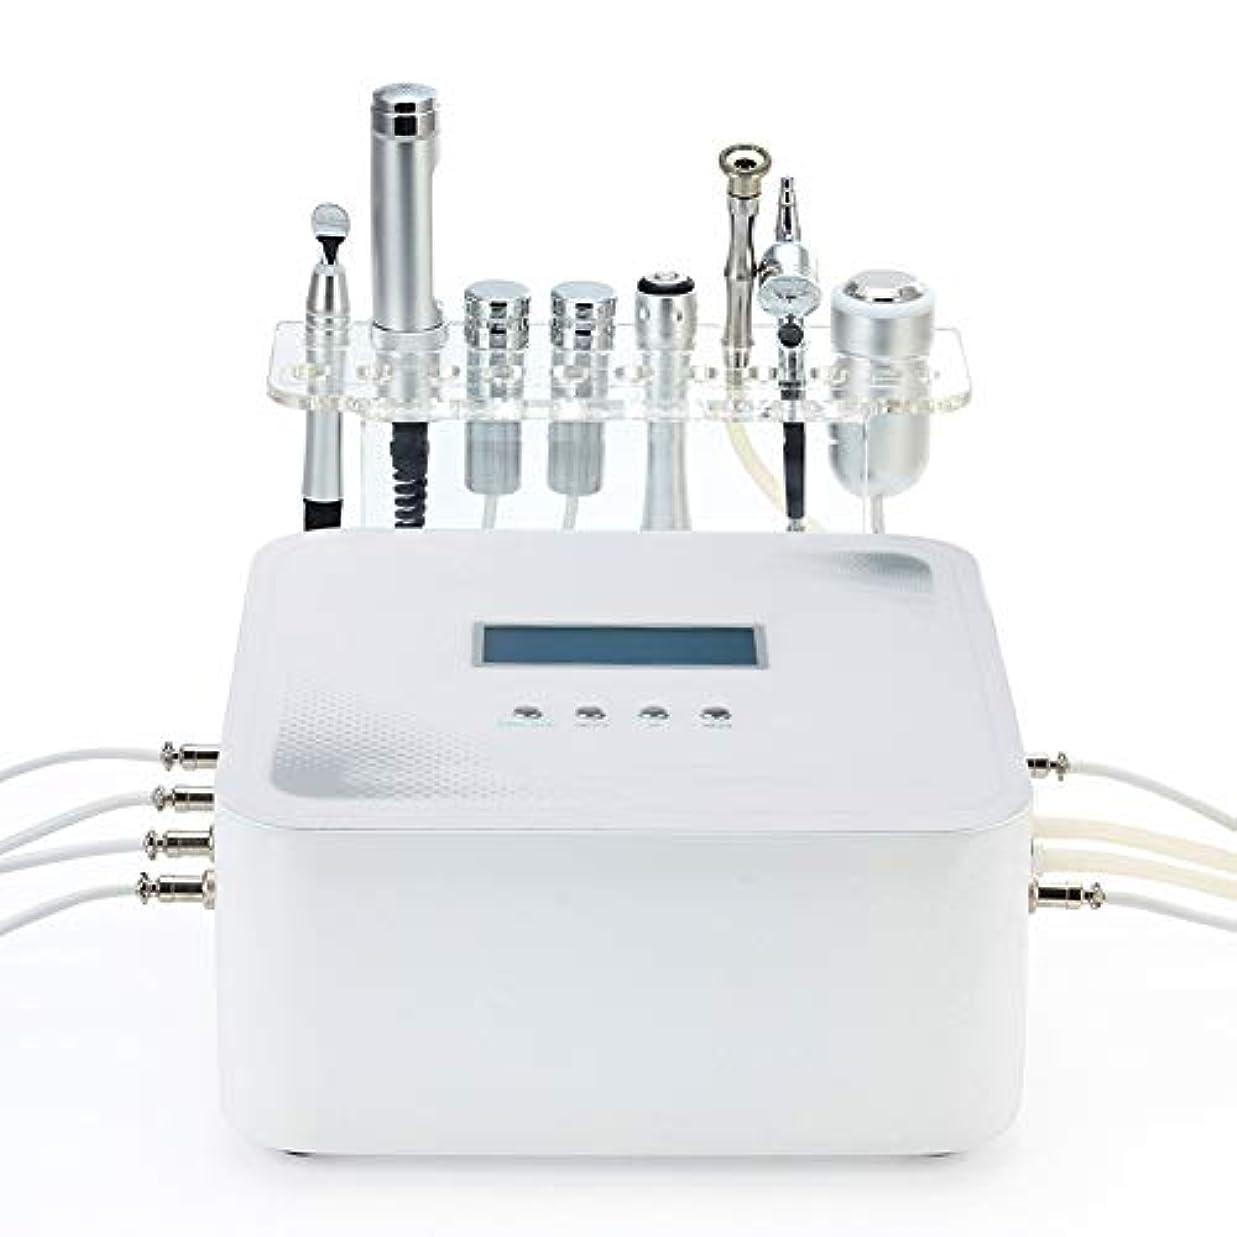 ドライバ基準ブームRFの無線周波数の顔機械、超音波RFの美の器械、皮の若返りのしわの取り外しの皮のきつく締まる心配のための1つの顔機械に付き6つ